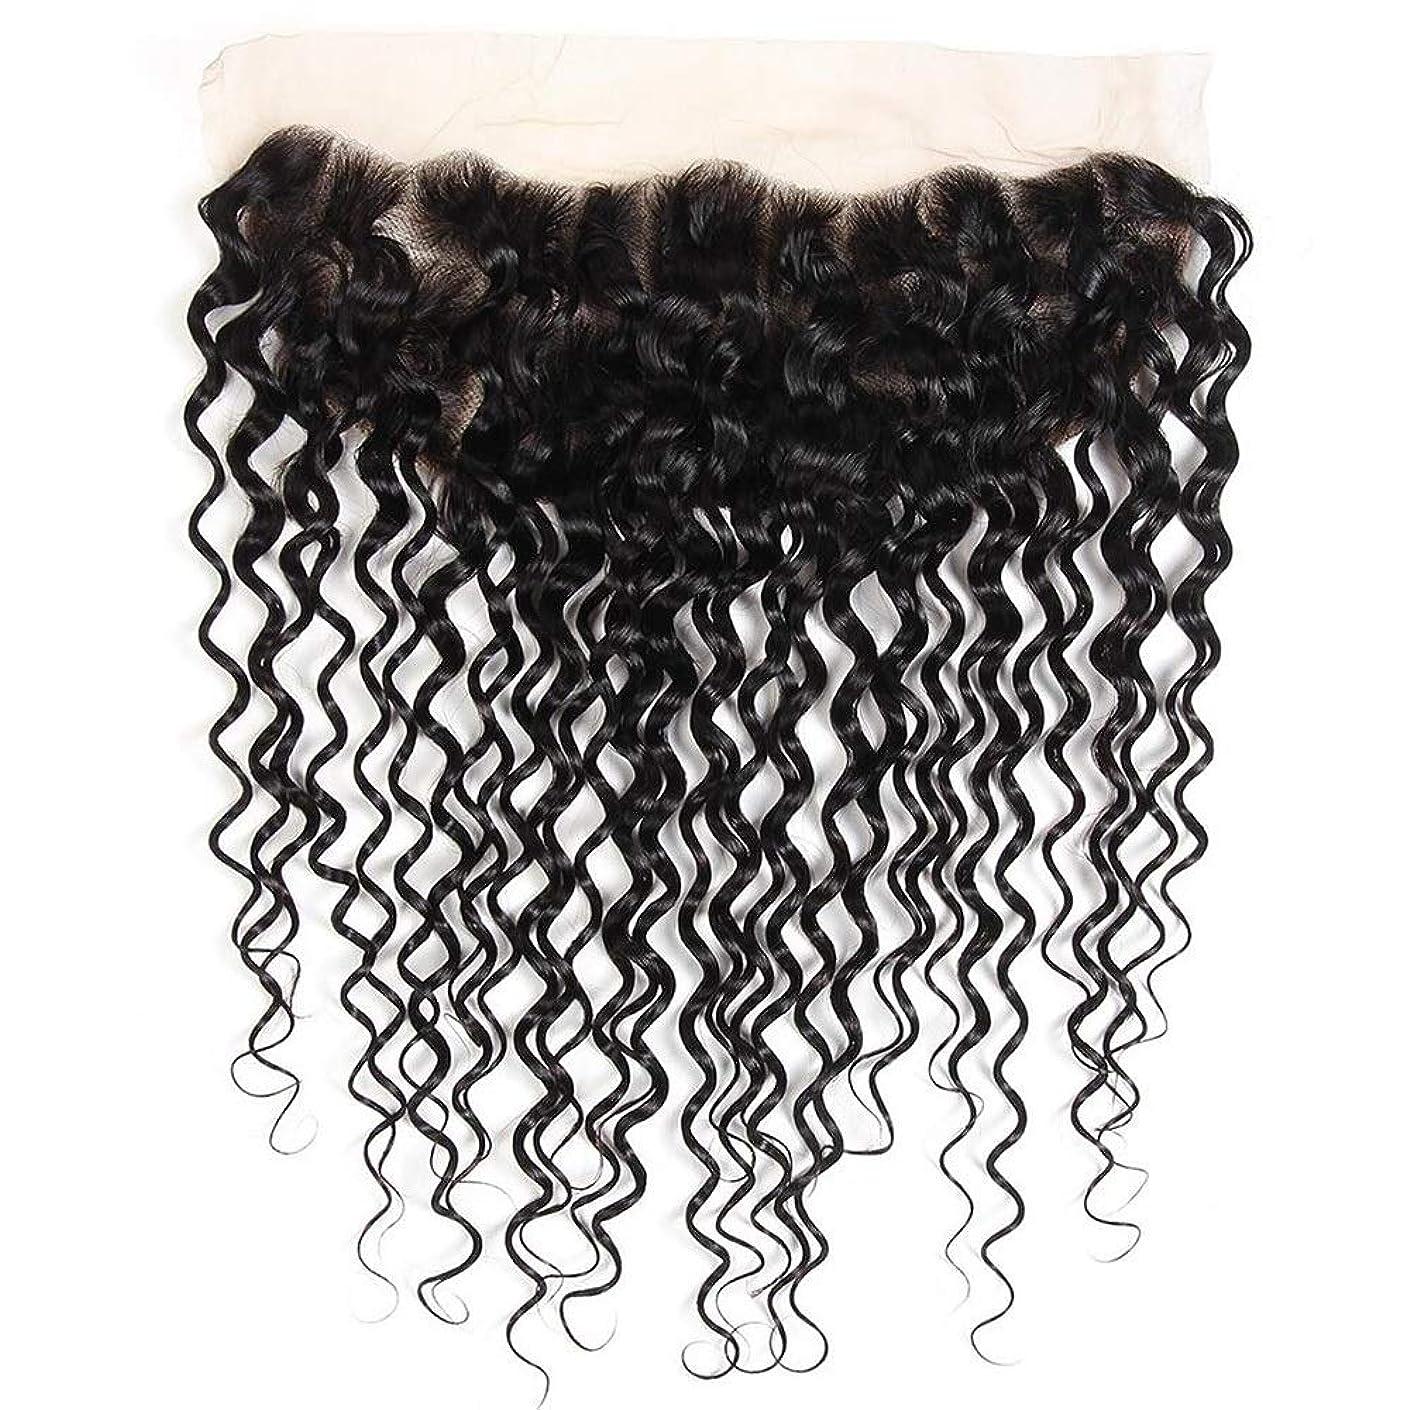 電話をかける高価なウェブMayalina ブラジルの水の波レミー人間の髪の毛13 * 4インチレース前頭閉鎖用女性8インチ-20インチショートカーリーウィッグ (色 : 黒, サイズ : 14inch)